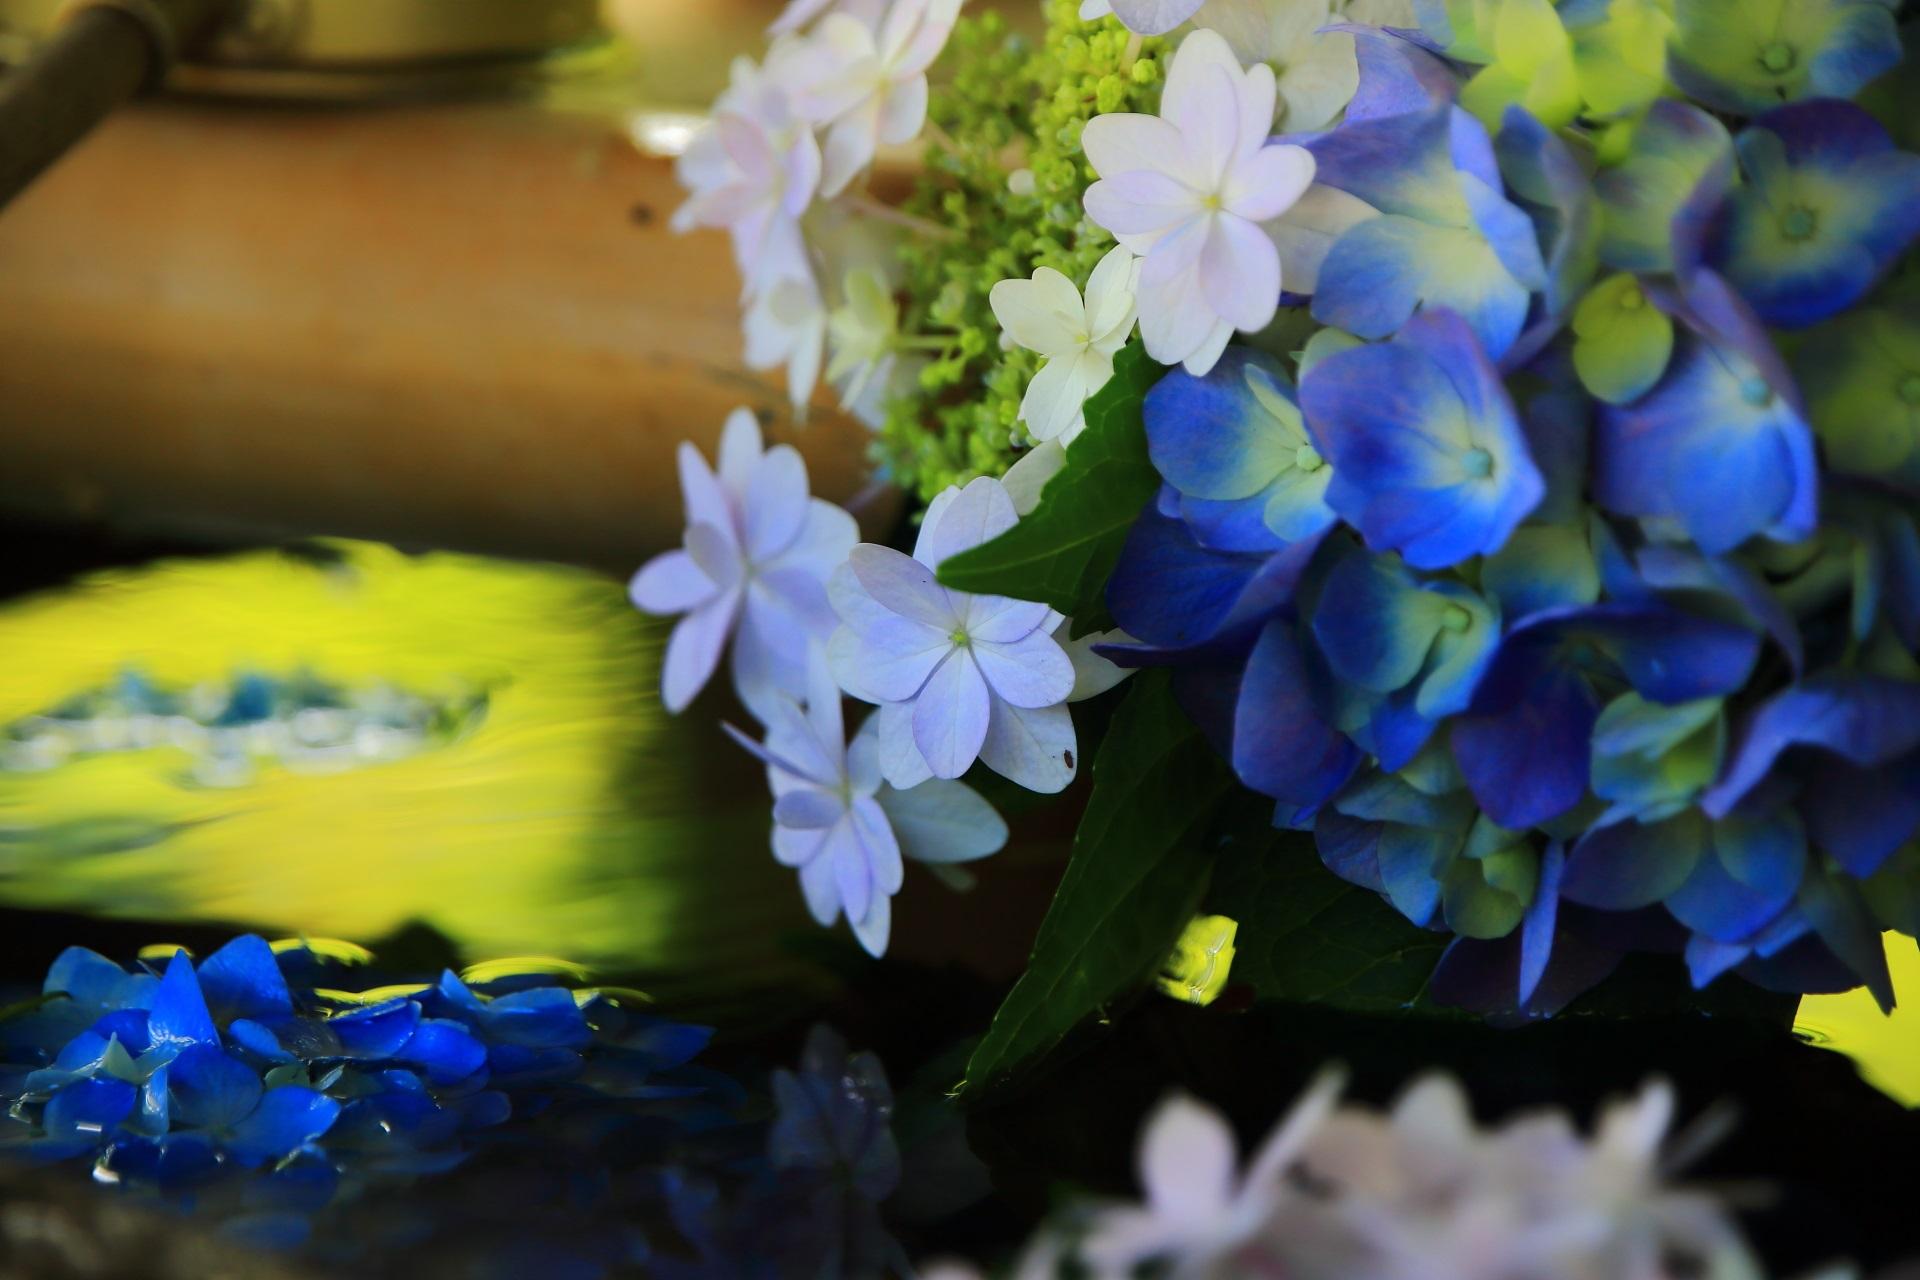 真如堂の手水舎の繊細で優雅な紫陽花の花と煌く青もみじの水鏡